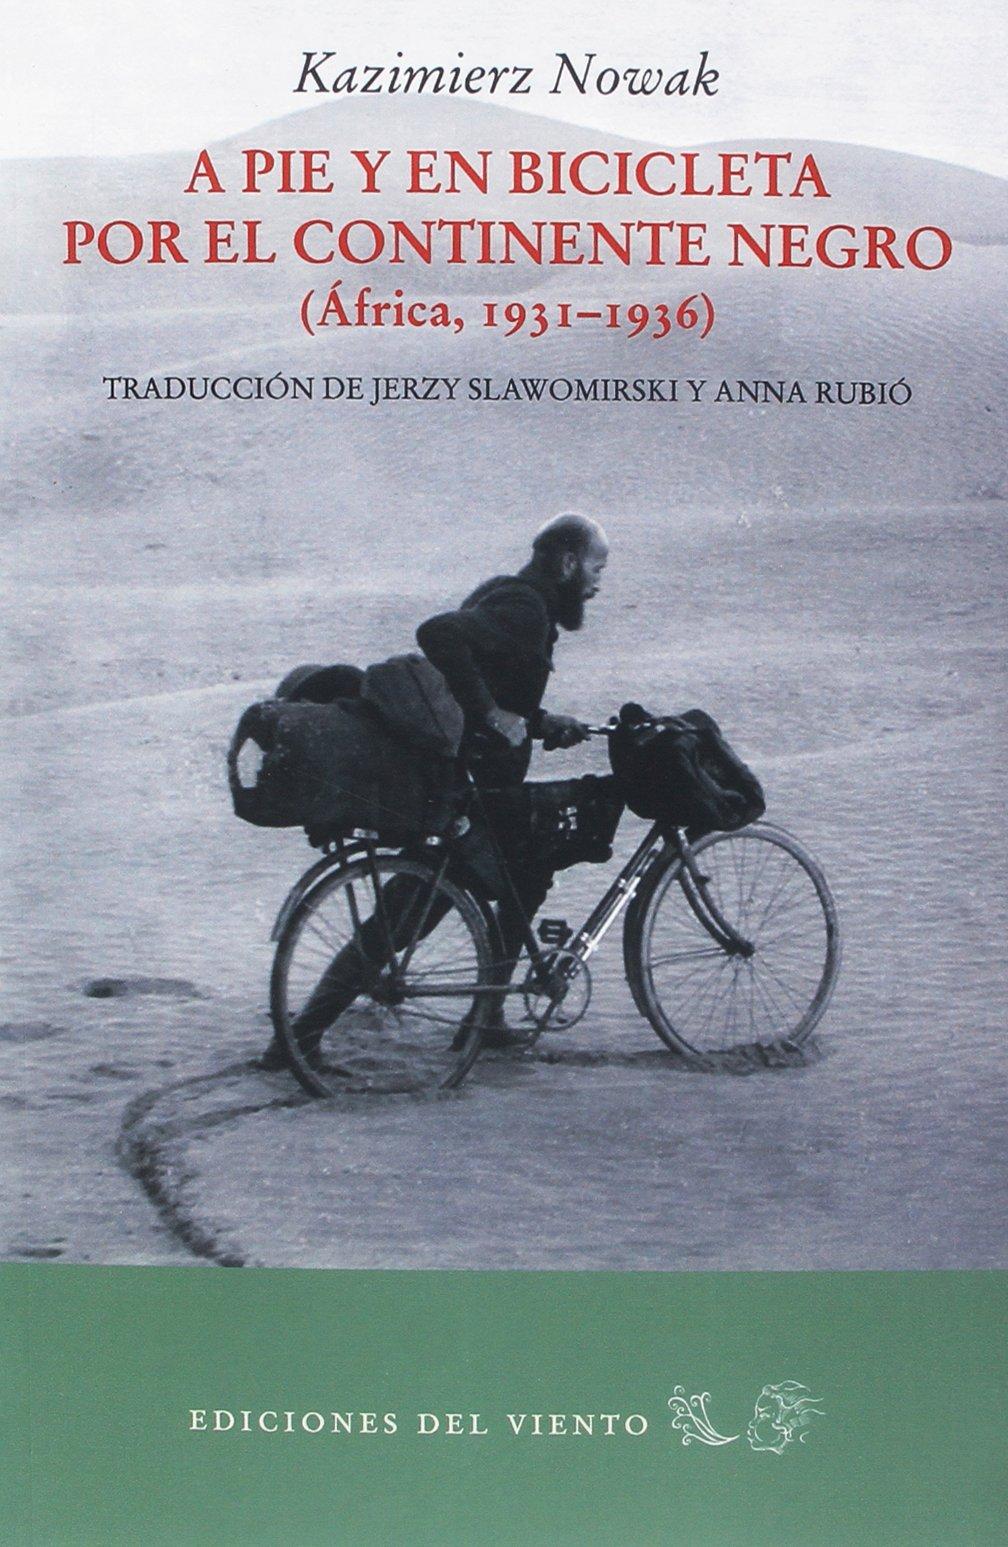 A pie y en bicicleta por el continente negro (Viento Simún) Tapa blanda – 7 may 2018 Kazimierz Nowak Jerzy Slawomirski Anna Rubió Ediciones del Viento